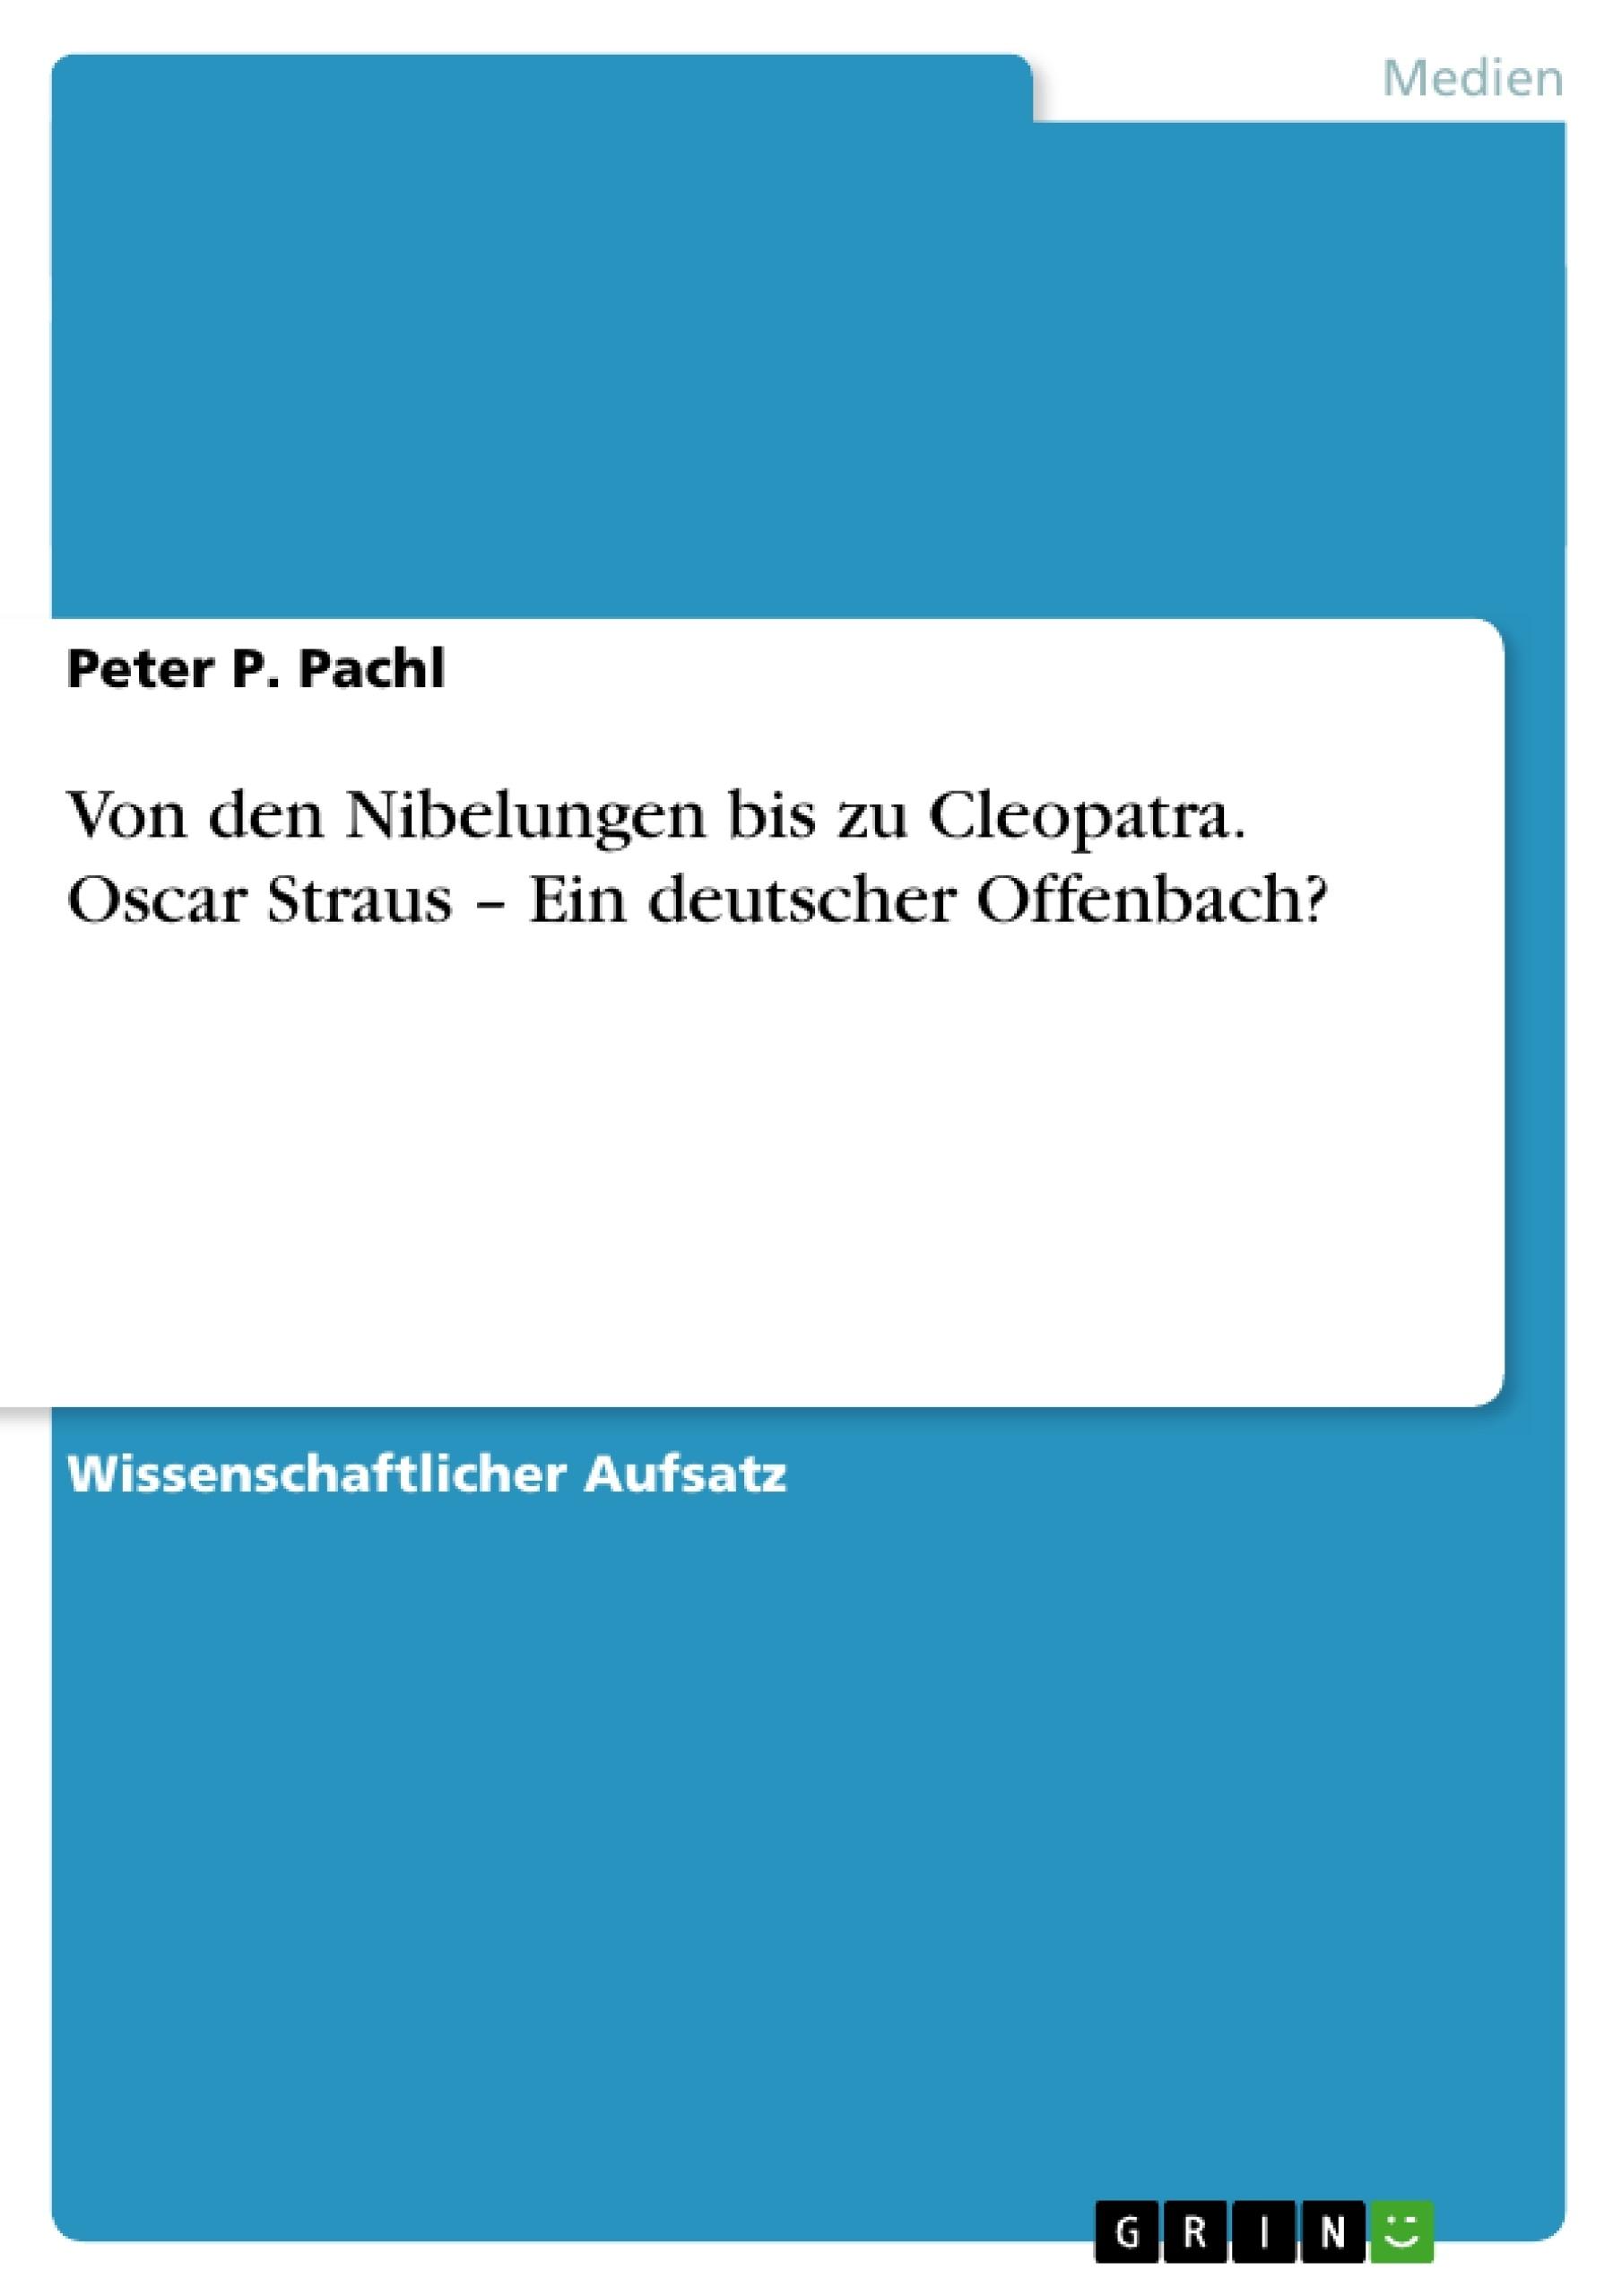 Titel: Von den Nibelungen bis zu Cleopatra. Oscar Straus – Ein deutscher Offenbach?